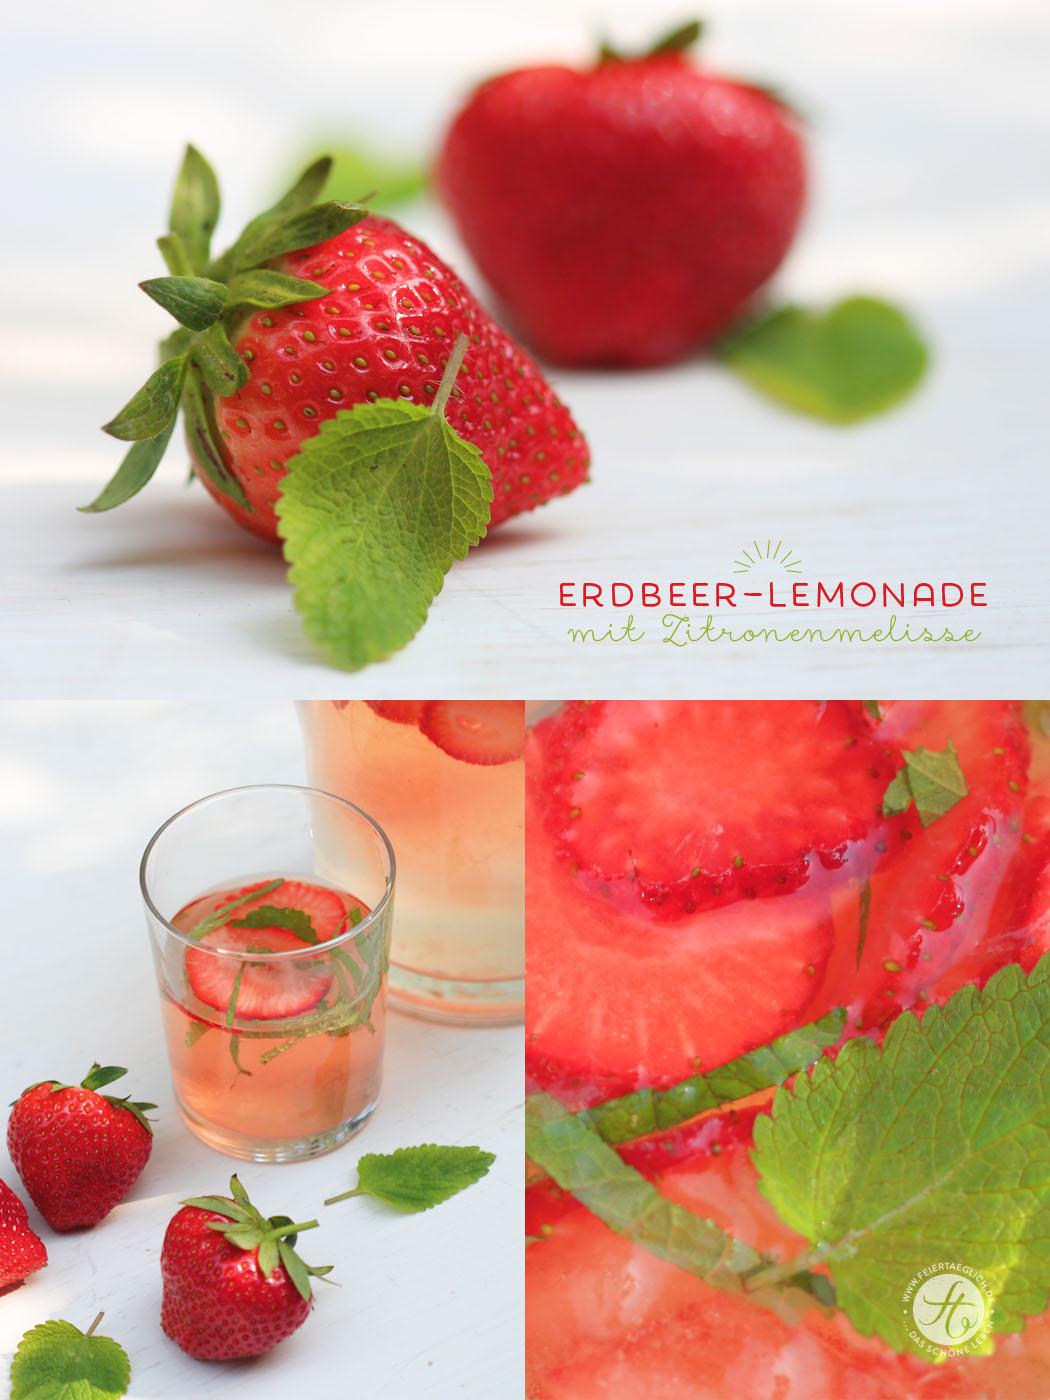 erdbeer_lemonade_h